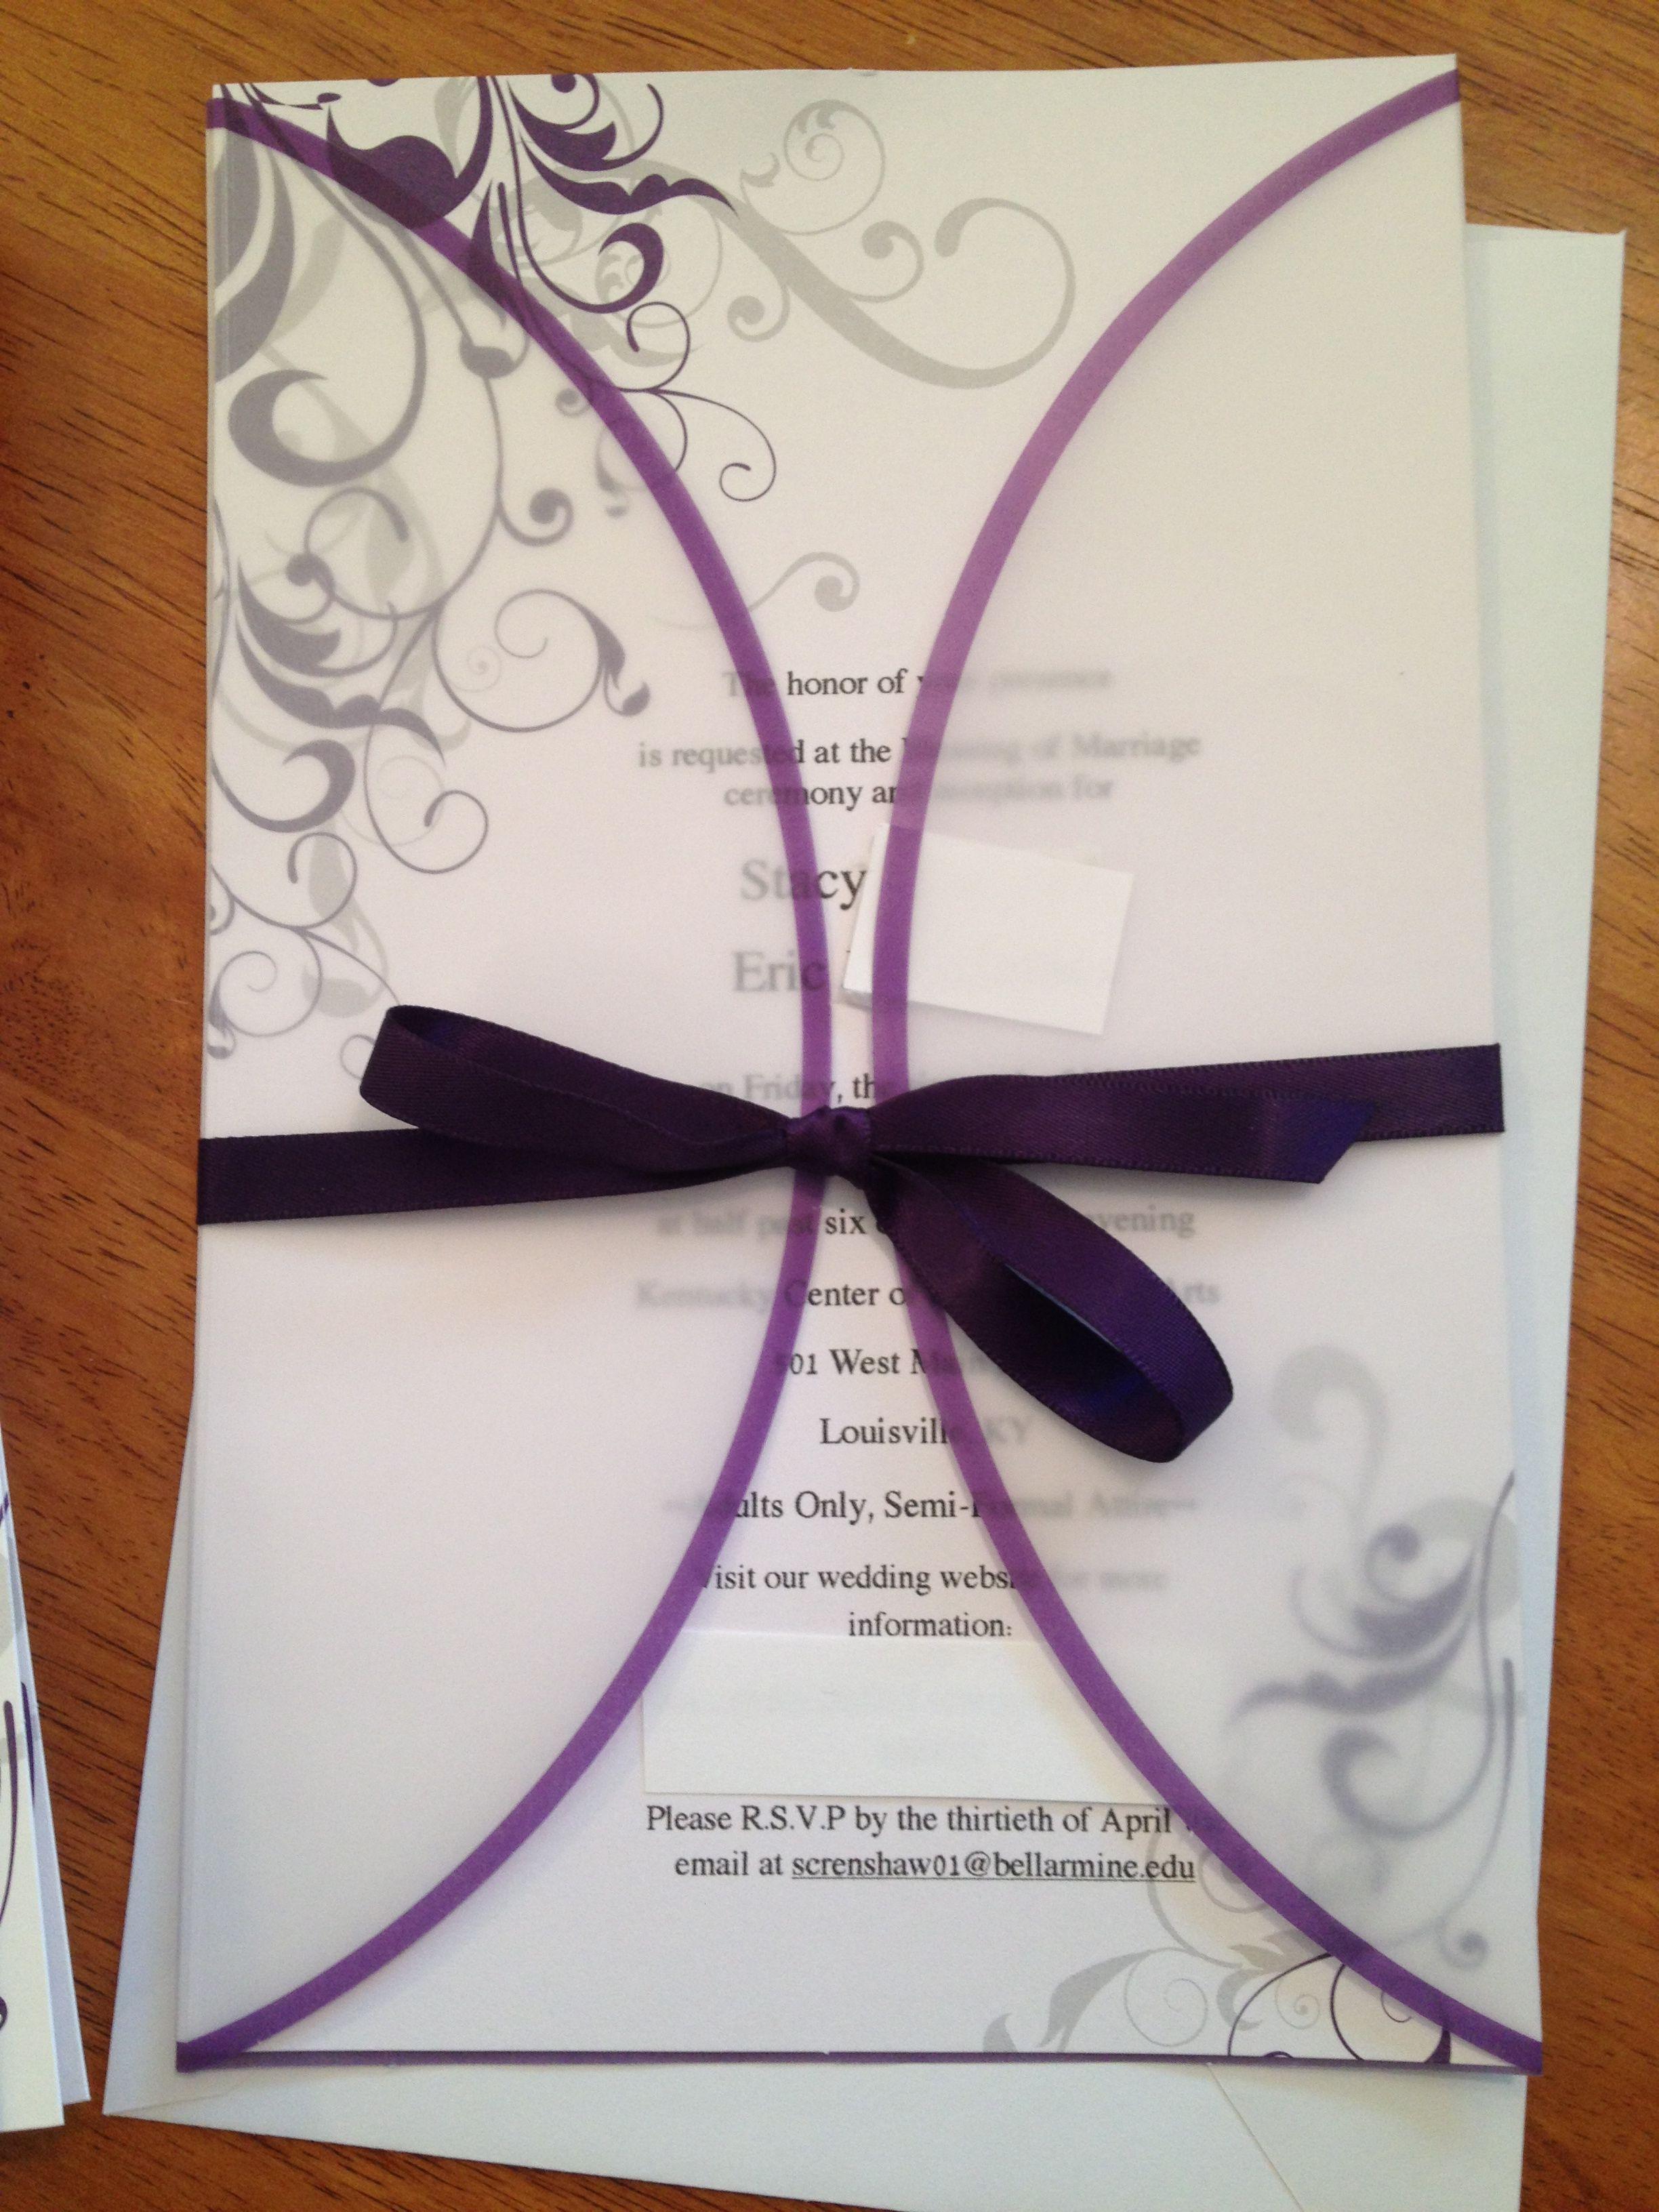 Hobby Lobby Wedding Invitations Free With Charming Design Egreetingecard Hobby Lobby Wedding Invitations Target Wedding Invitations Wedding Invitation Kits